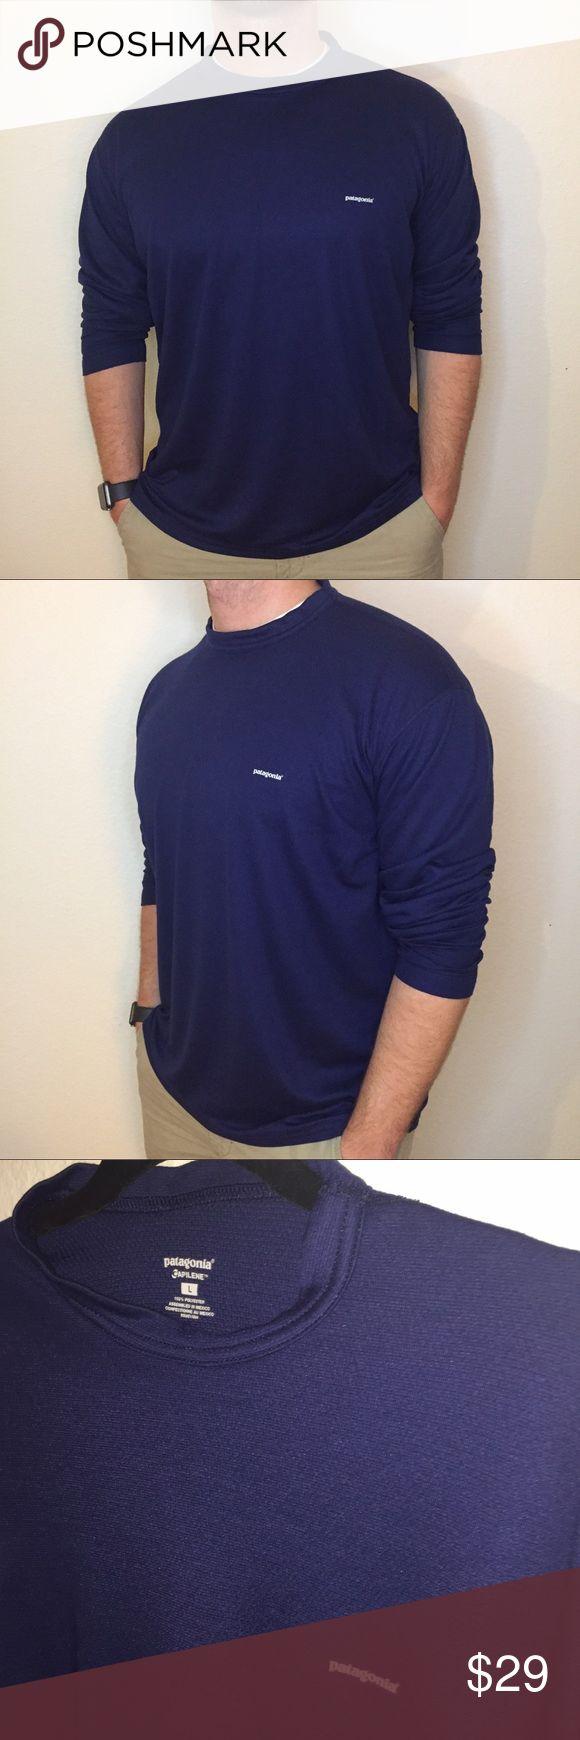 Patagonia Capilene Long Sleeve Shirt. Patagonia Capilene Long Sleeve Shirt. Like new. 100% polyester. Patagonia Shirts Tees - Long Sleeve